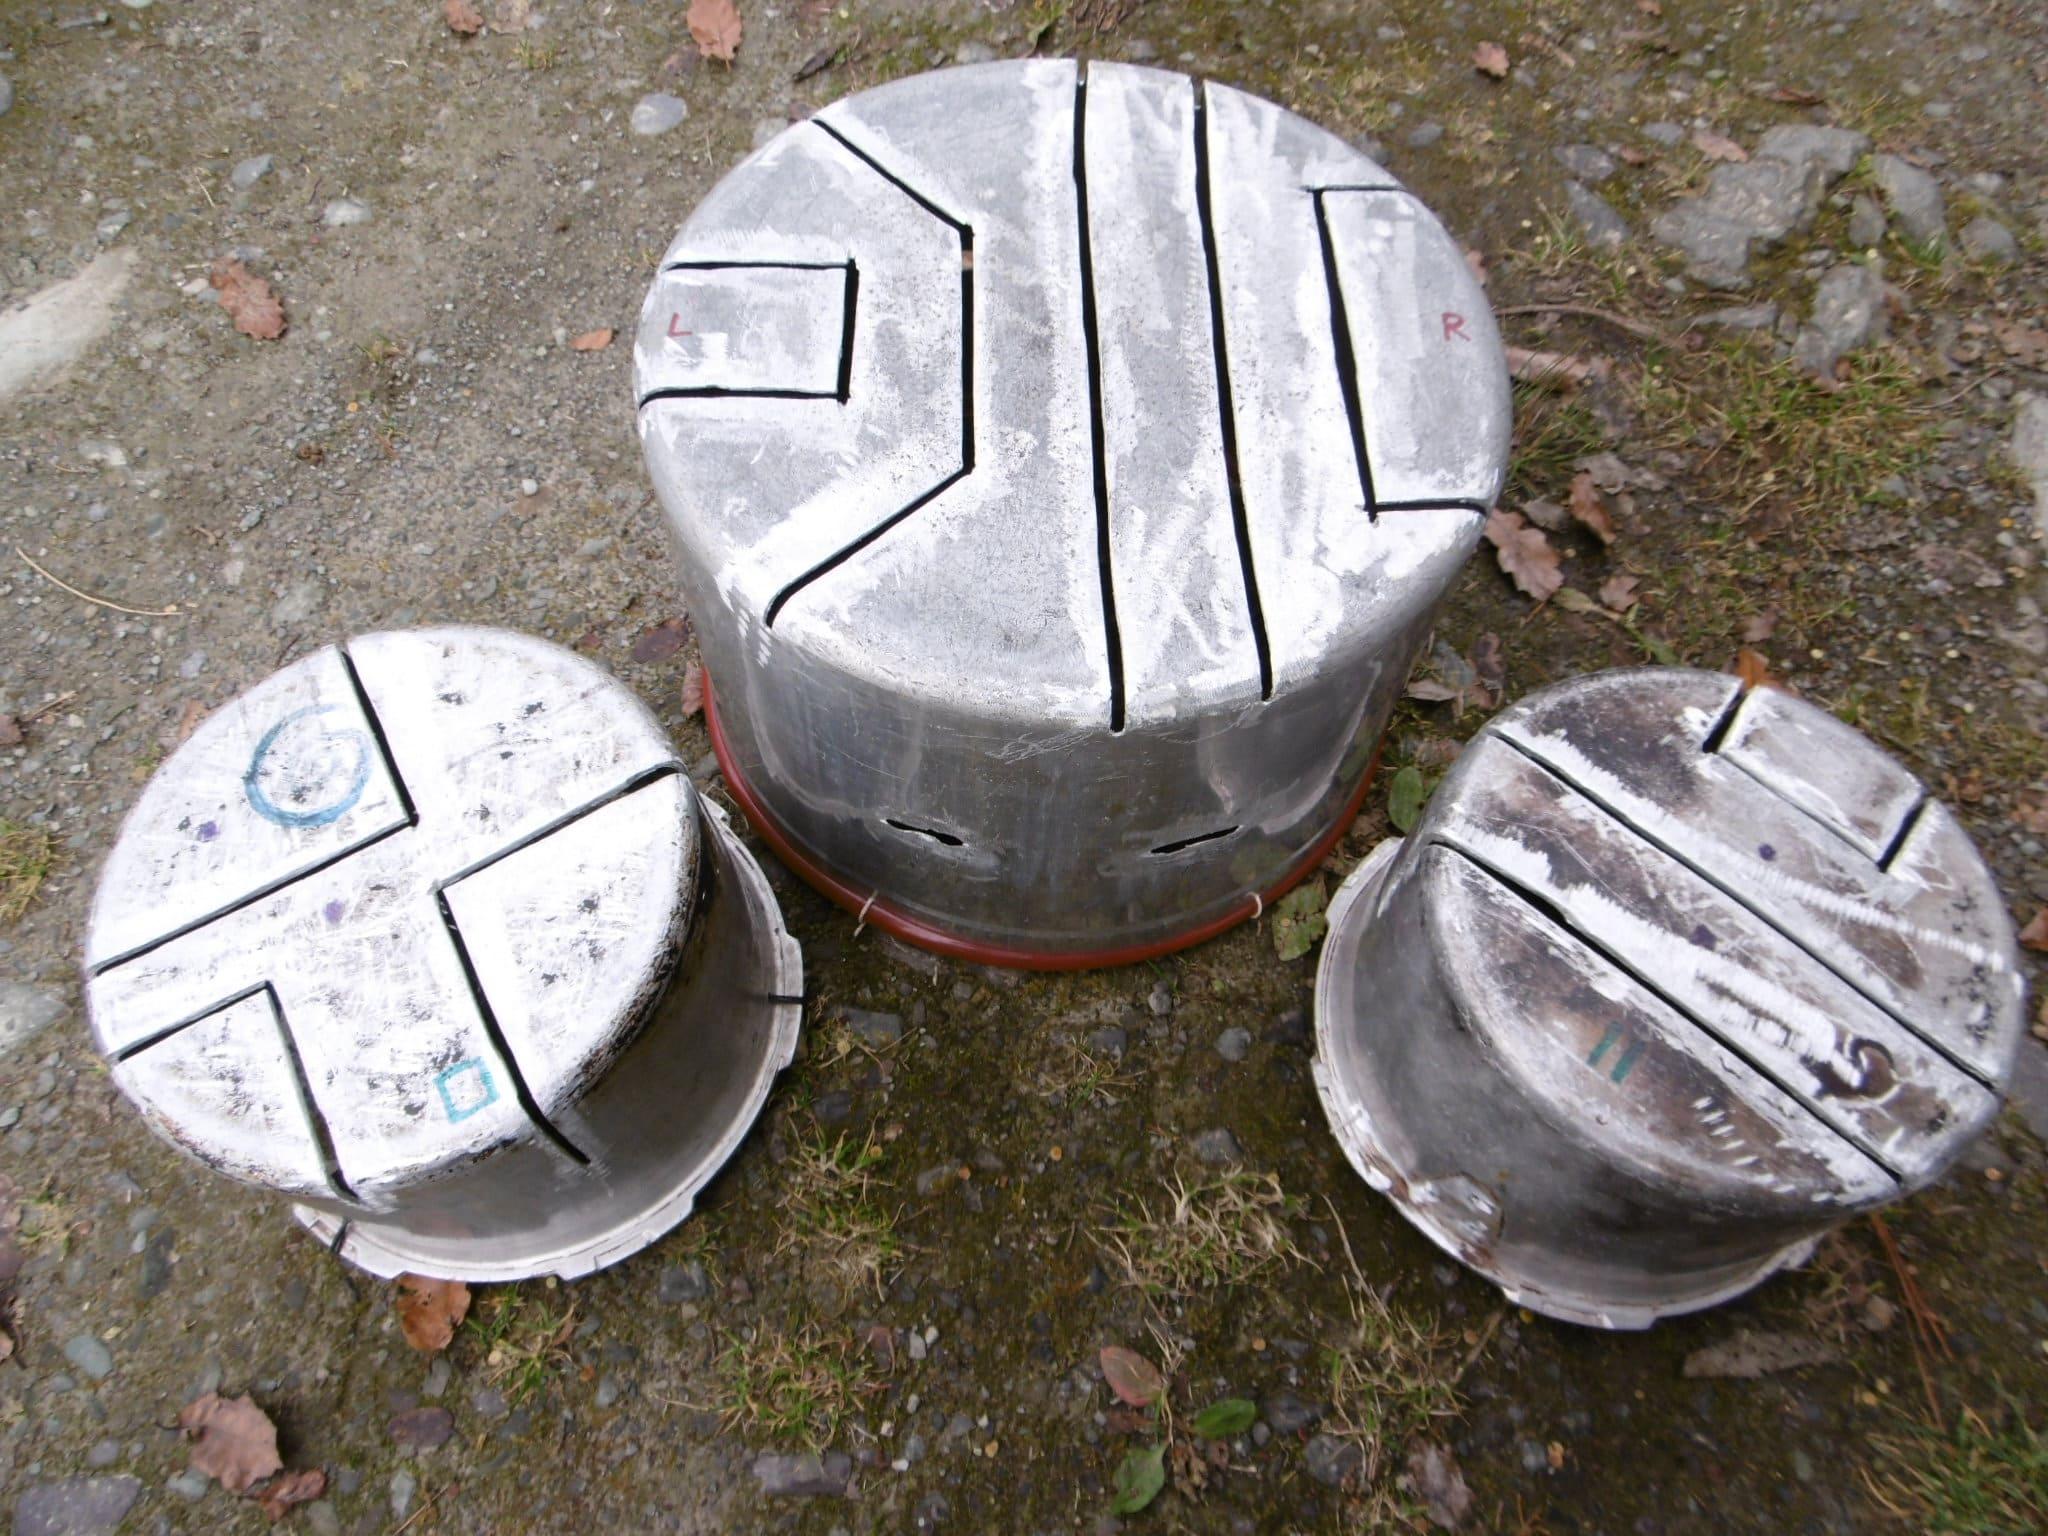 KlingKlong Metallophones